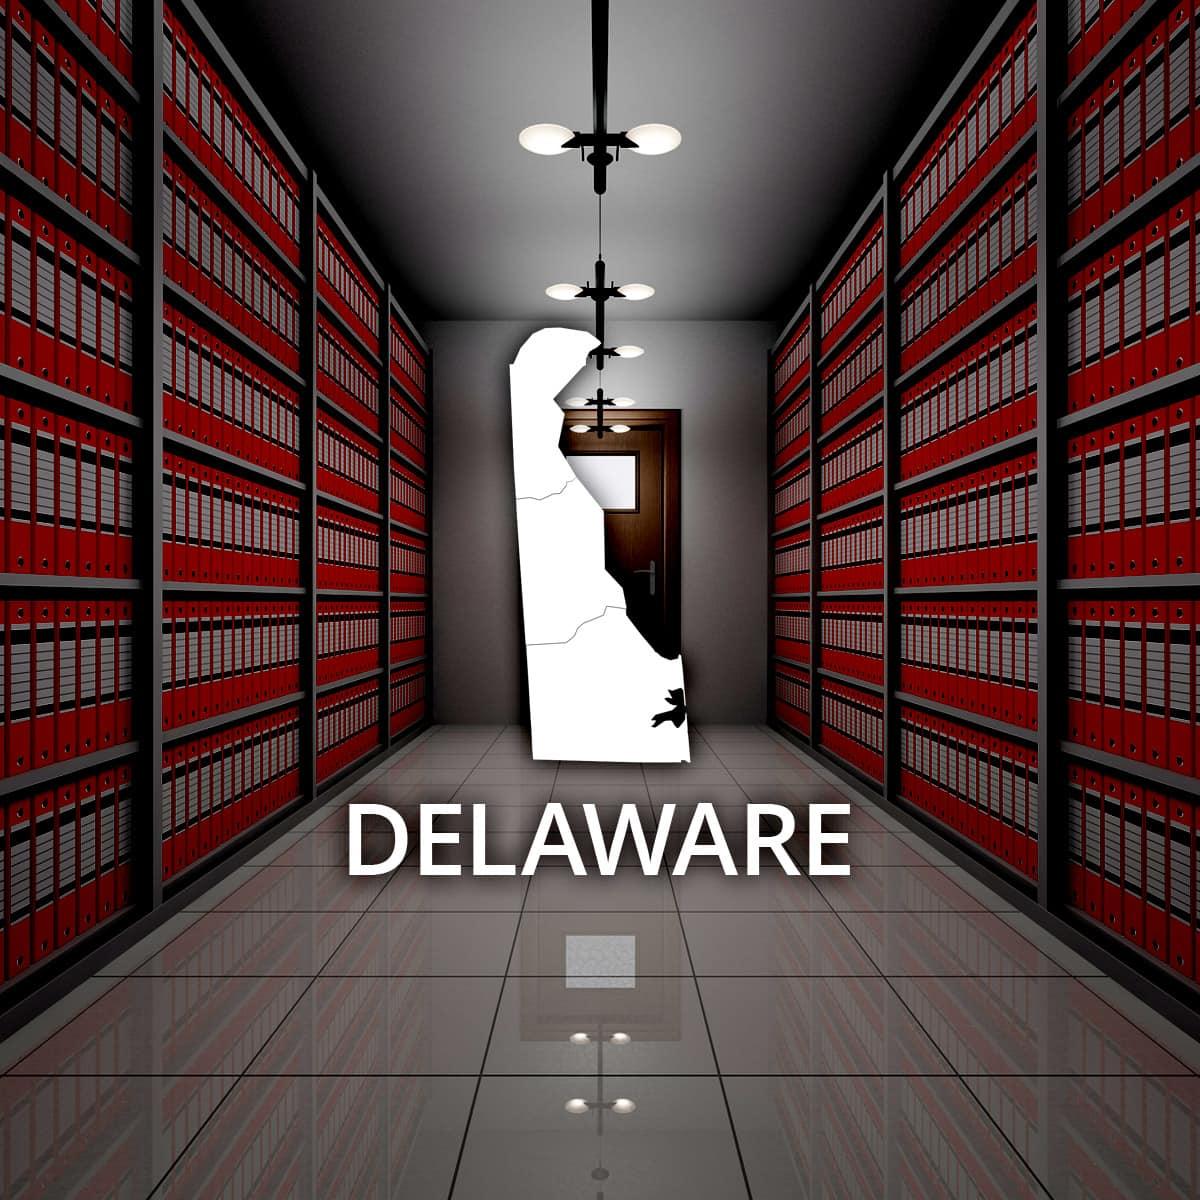 Delaware Public Records